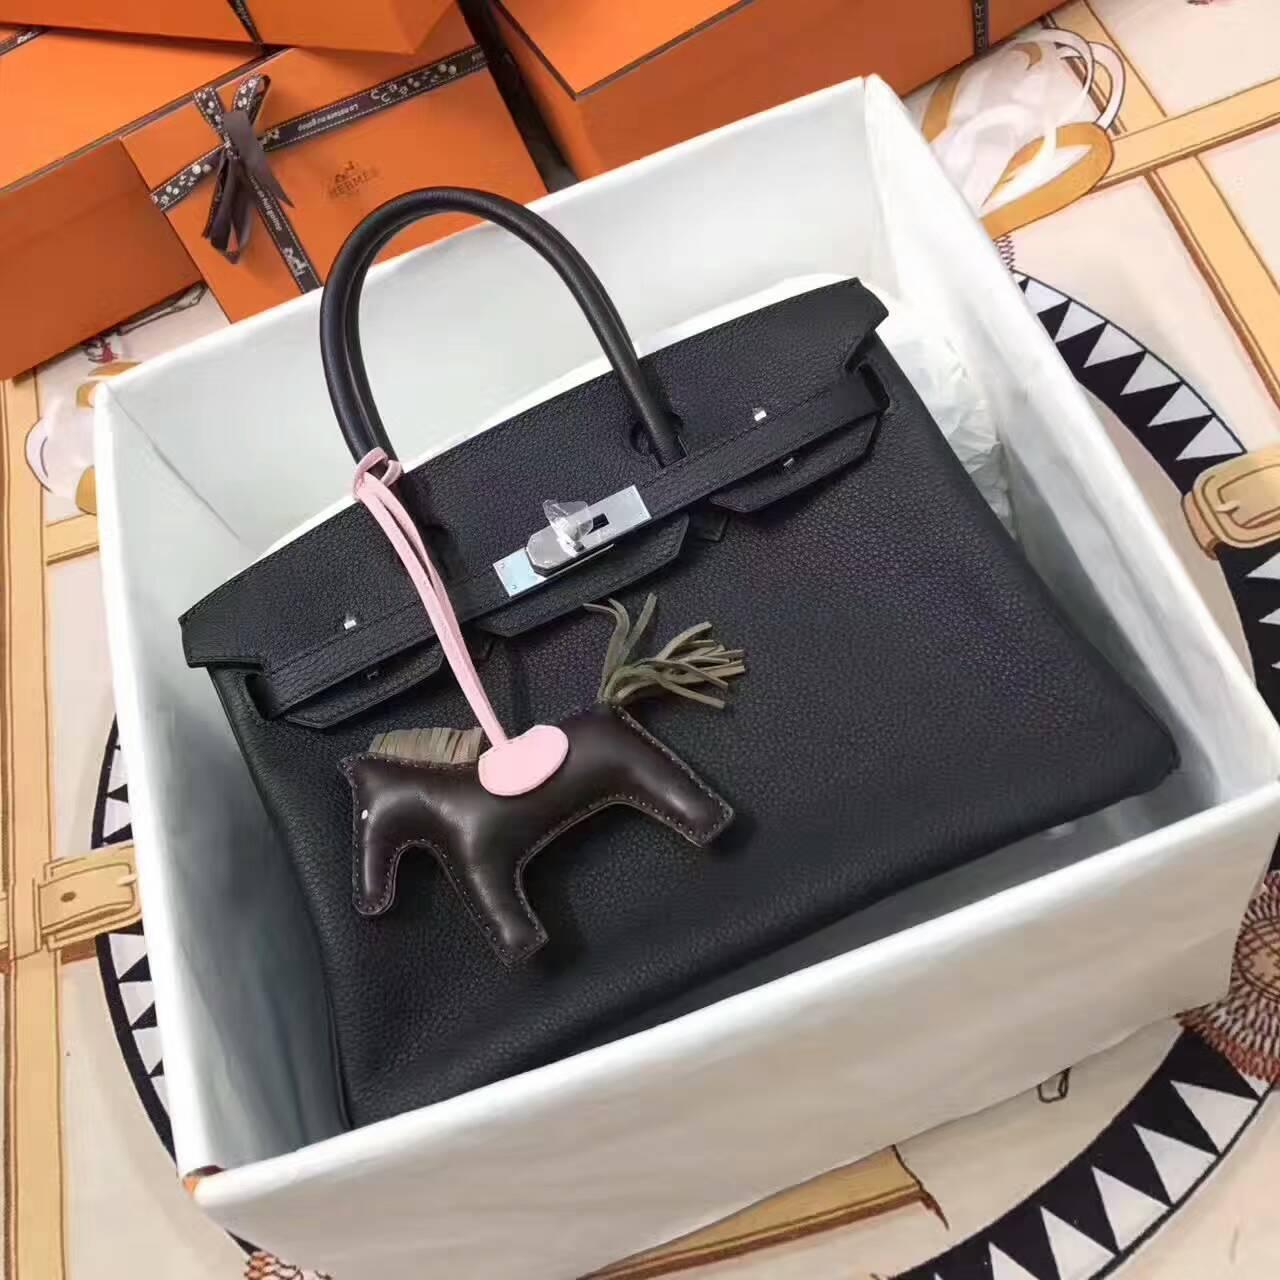 爱马仕铂金包 Birkin 30cm Togo 法国原产小牛皮 89 Nior 黑色 银扣